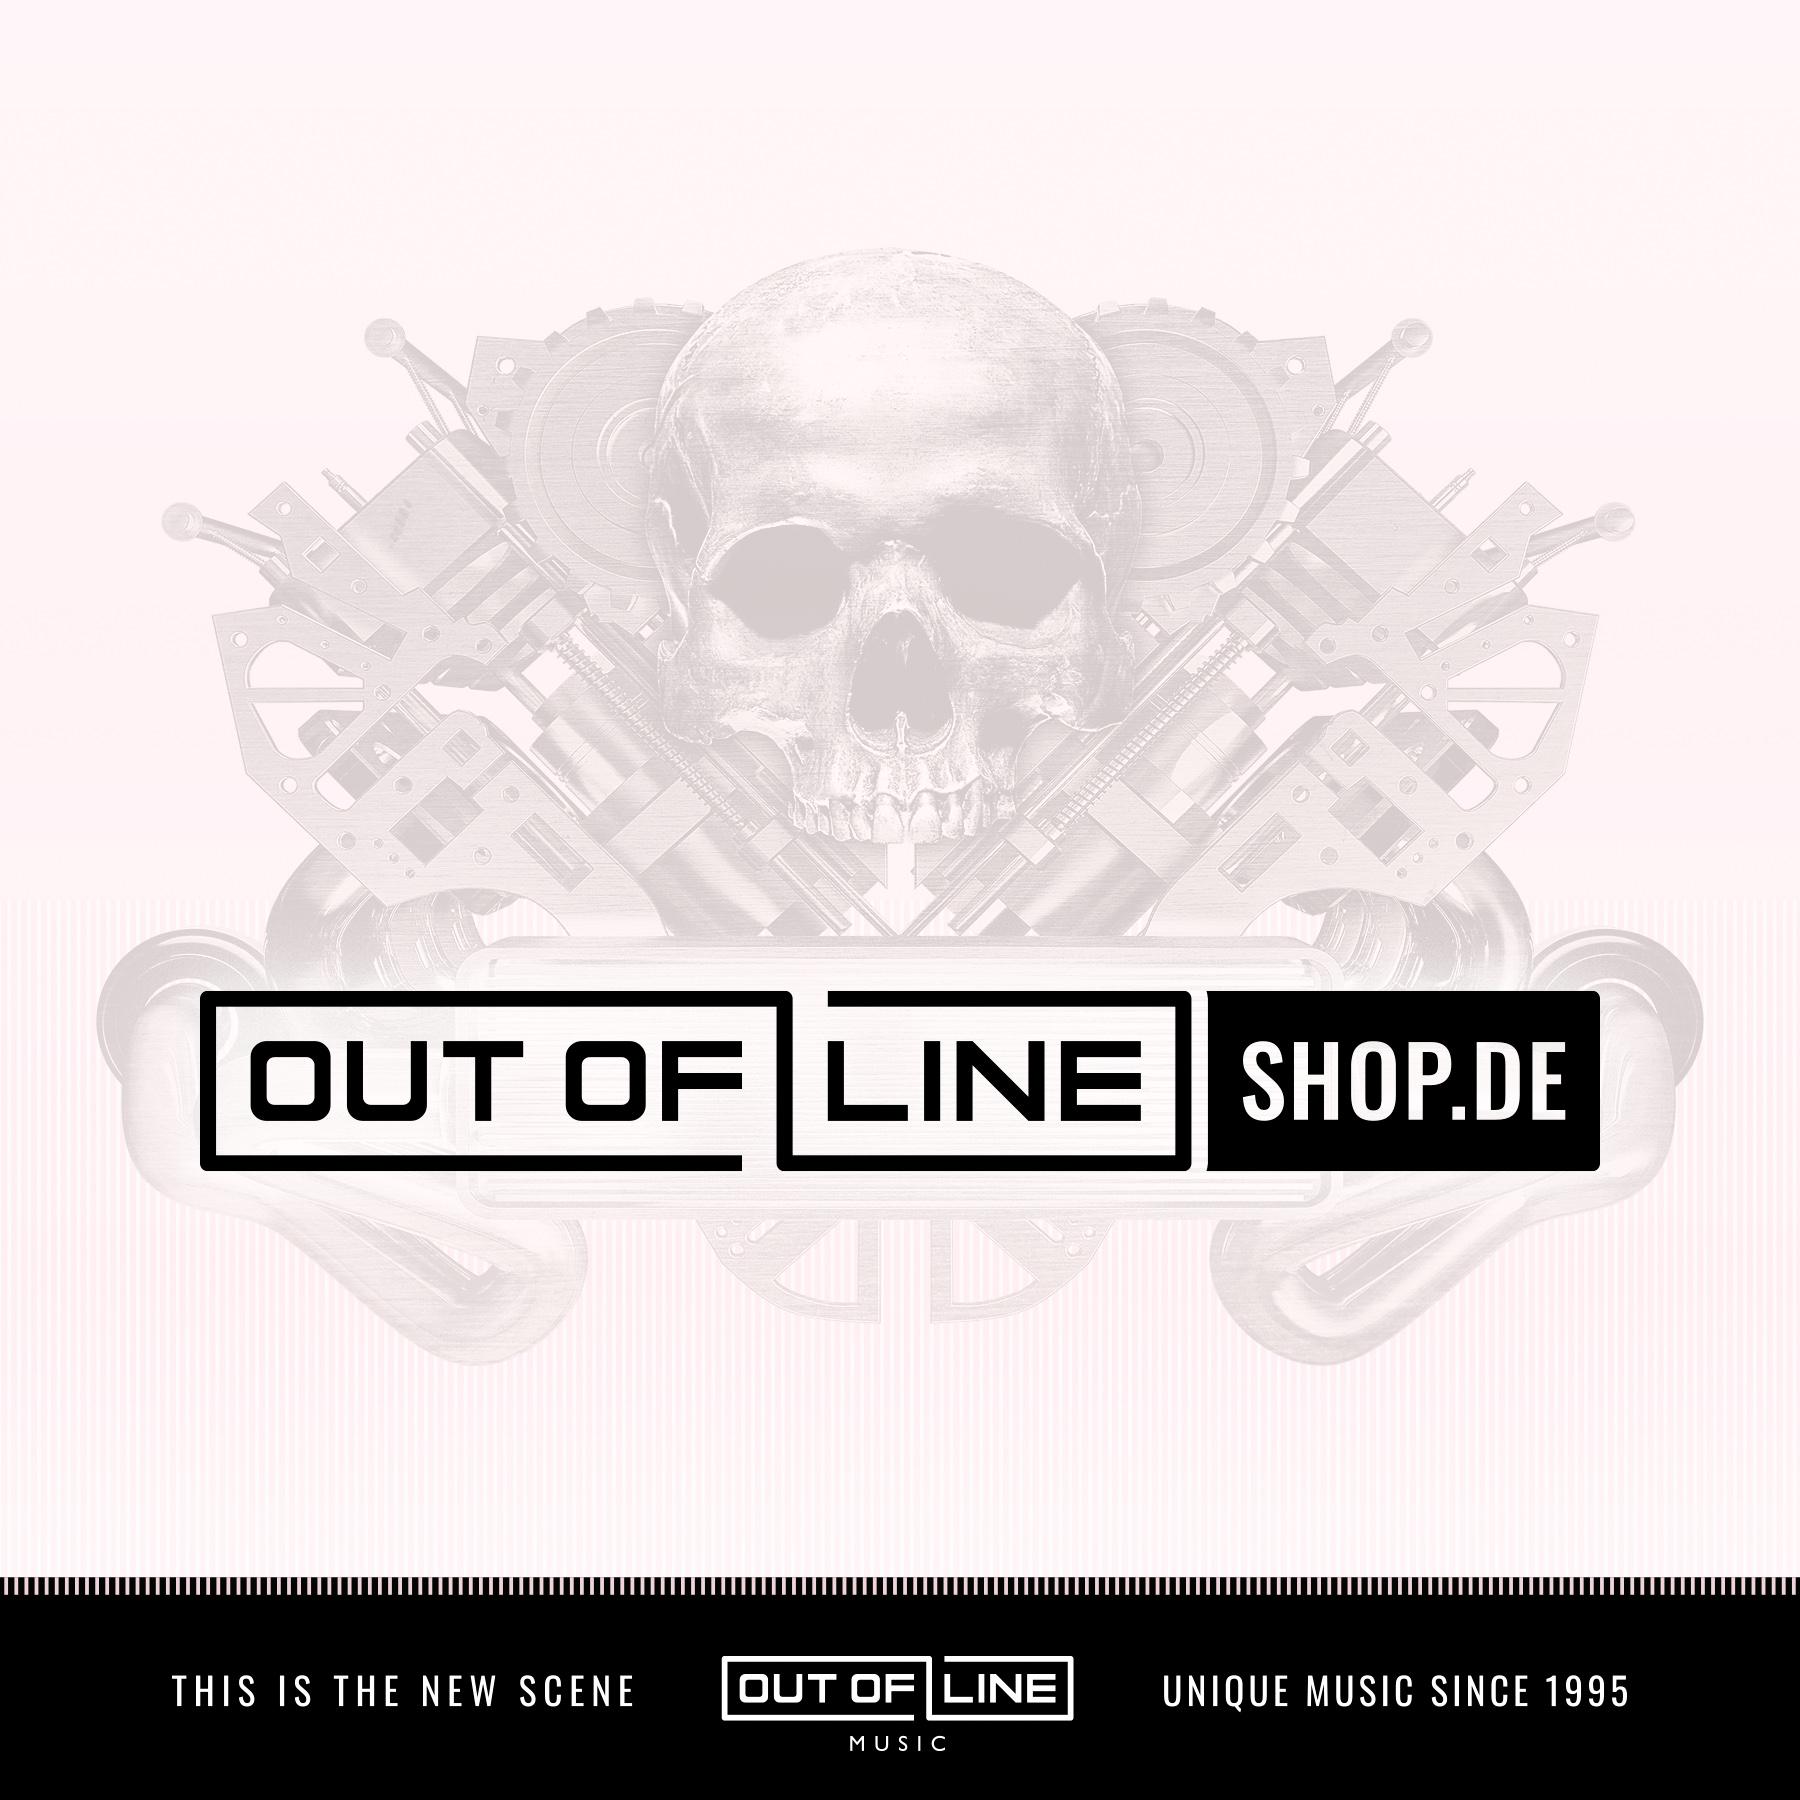 Polaroid/Roman/Photo/Remix